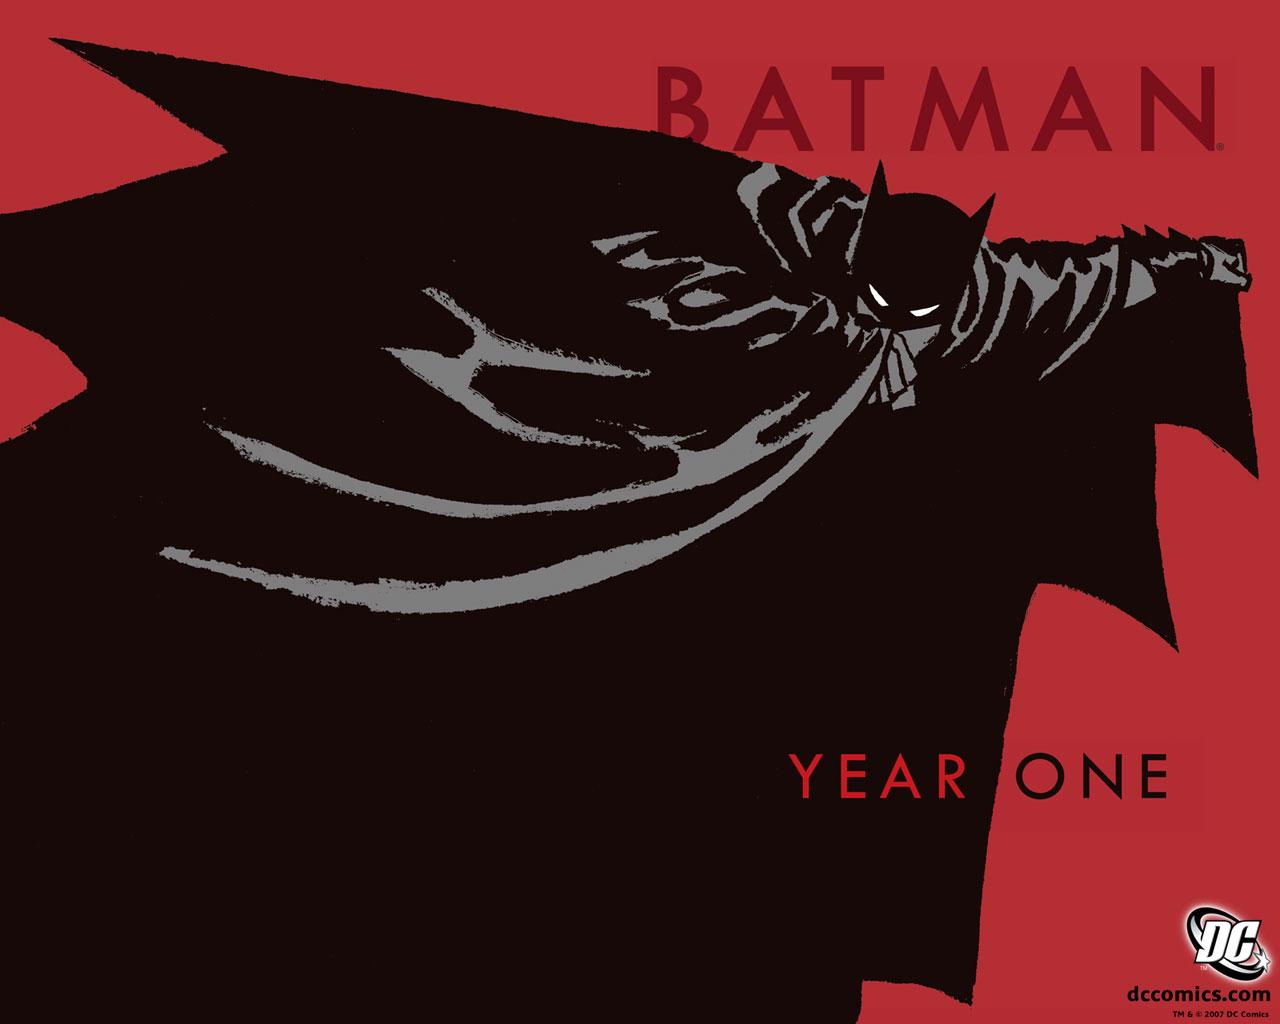 http://3.bp.blogspot.com/_ZVkb0M61jmc/TUX7pBcw2dI/AAAAAAAABkU/ZE_LrToTJsw/s1600/batman+year+one.jpg